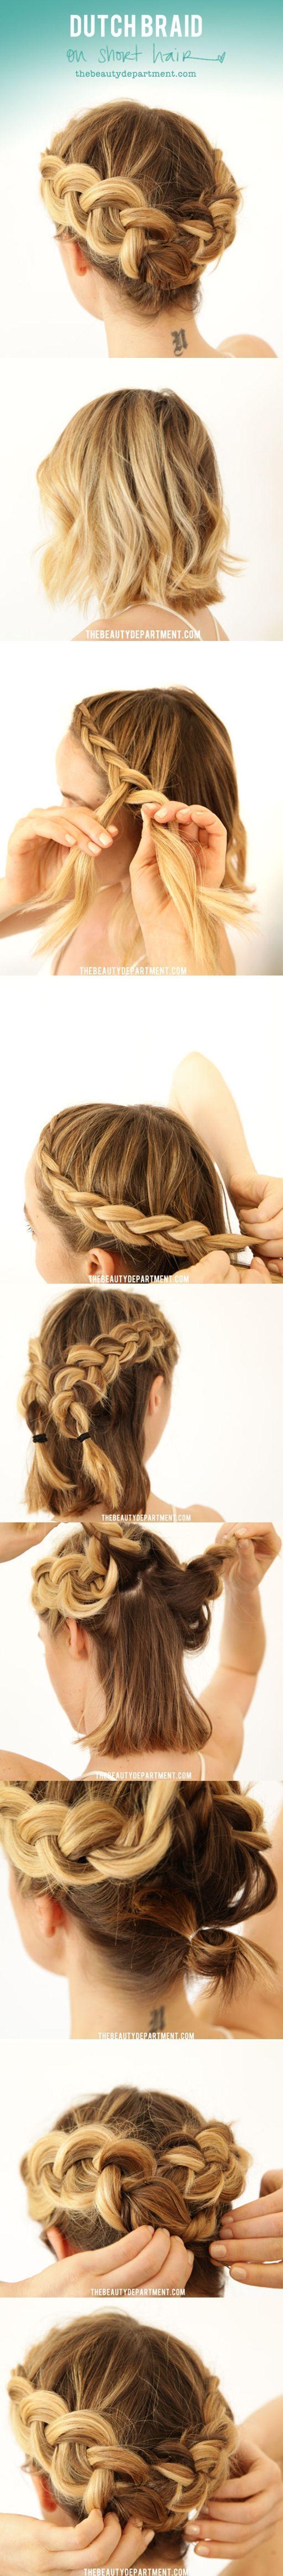 Recogido con trenzas en cabello corto | 5 Tutoriales de Peinados Fáciles para cabello corto a los hombros | El Blog de una Novia | #peinado #facil #tutorial